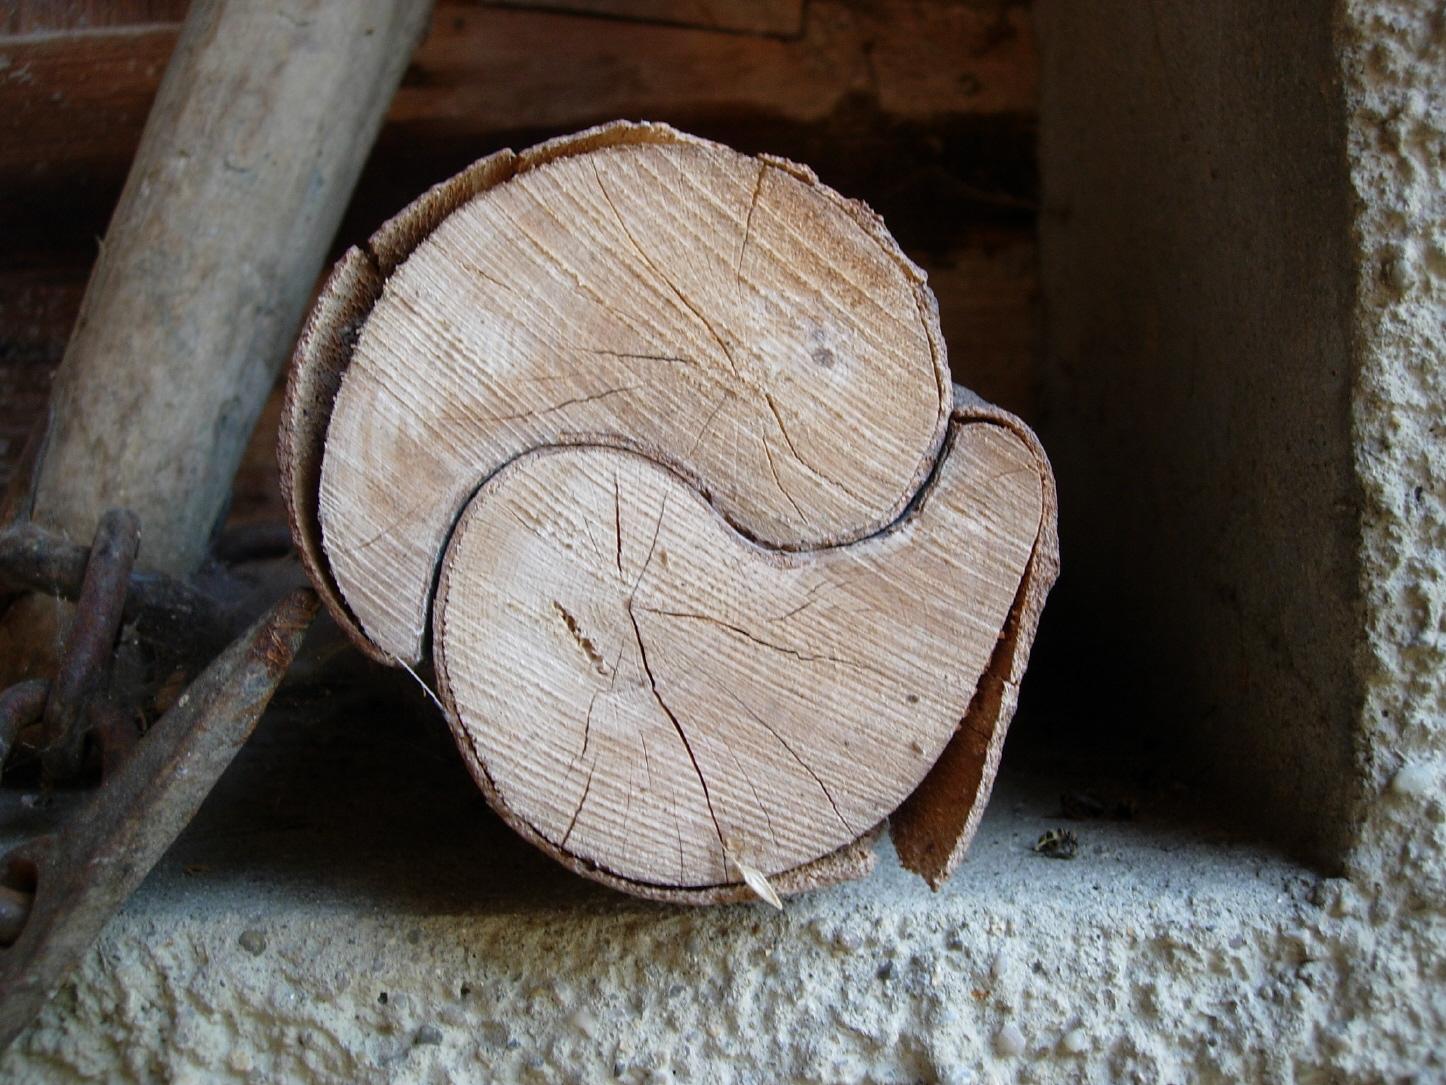 http://4.bp.blogspot.com/-3pZJIPTvwbE/Tlb7Fd9M4KI/AAAAAAAAAp0/nvgJzLFXbs0/s1600/www.Vvallpaper.net_ying_yang_sensei_ekinoks_denge_wood_funny_awesome_love.jpg